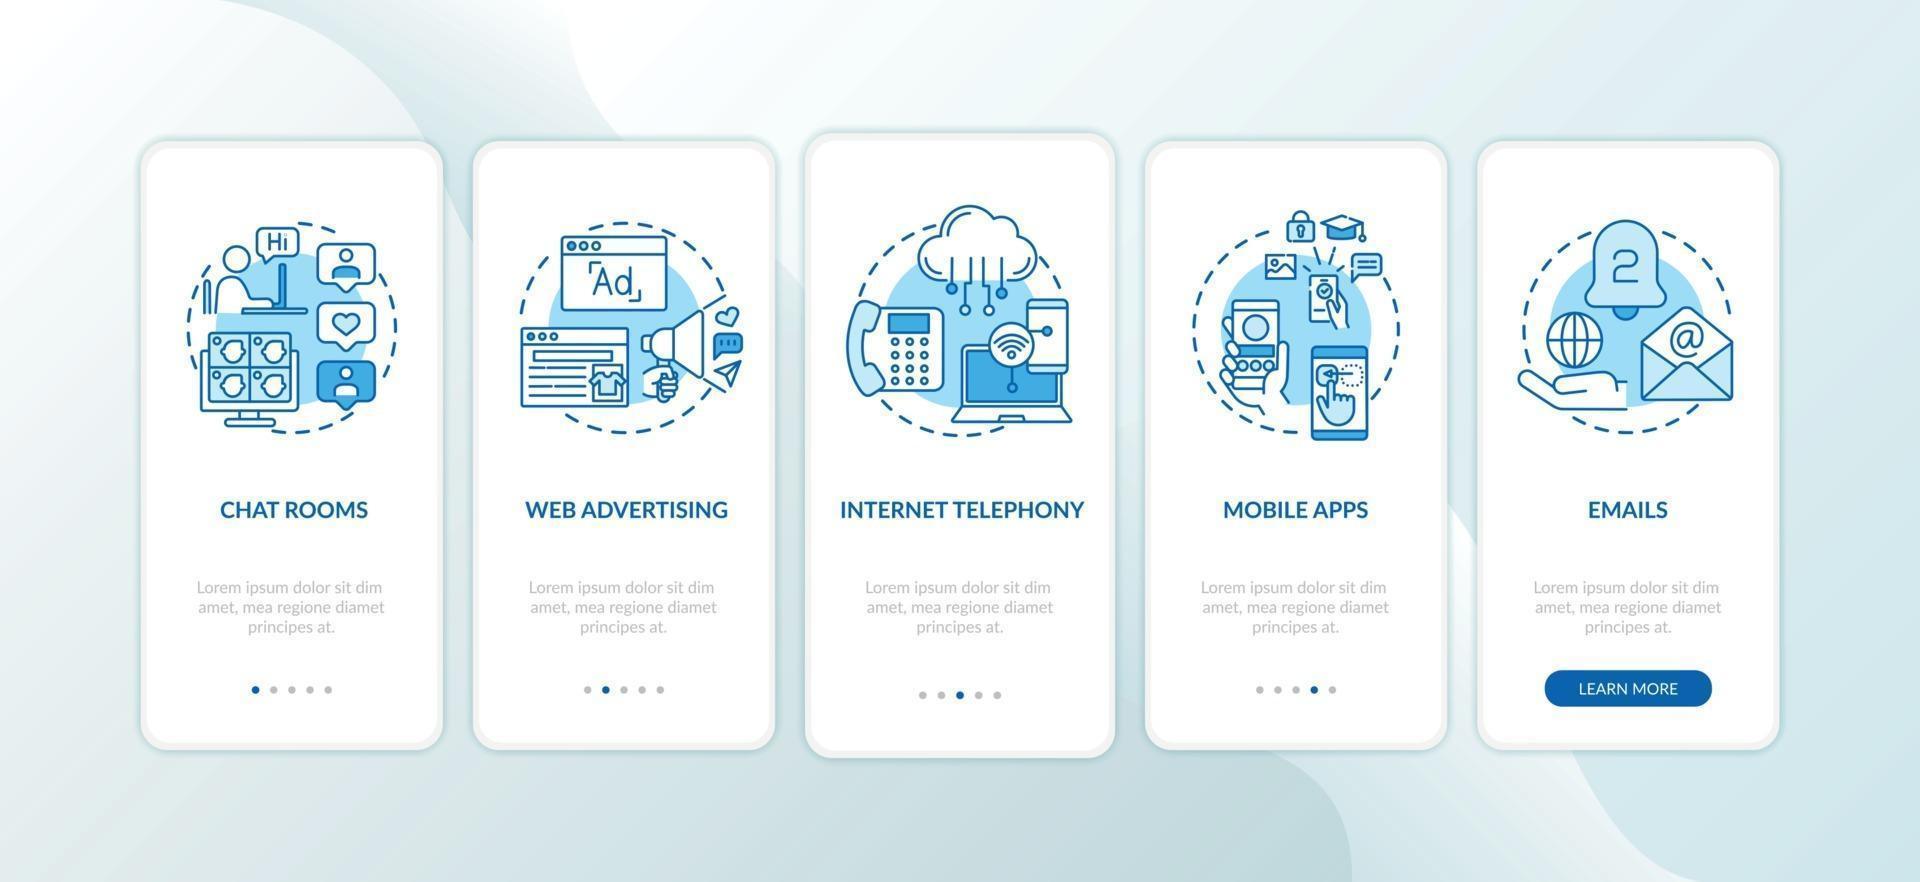 novos tipos de mídia na tela da página do aplicativo móvel com conceitos vetor